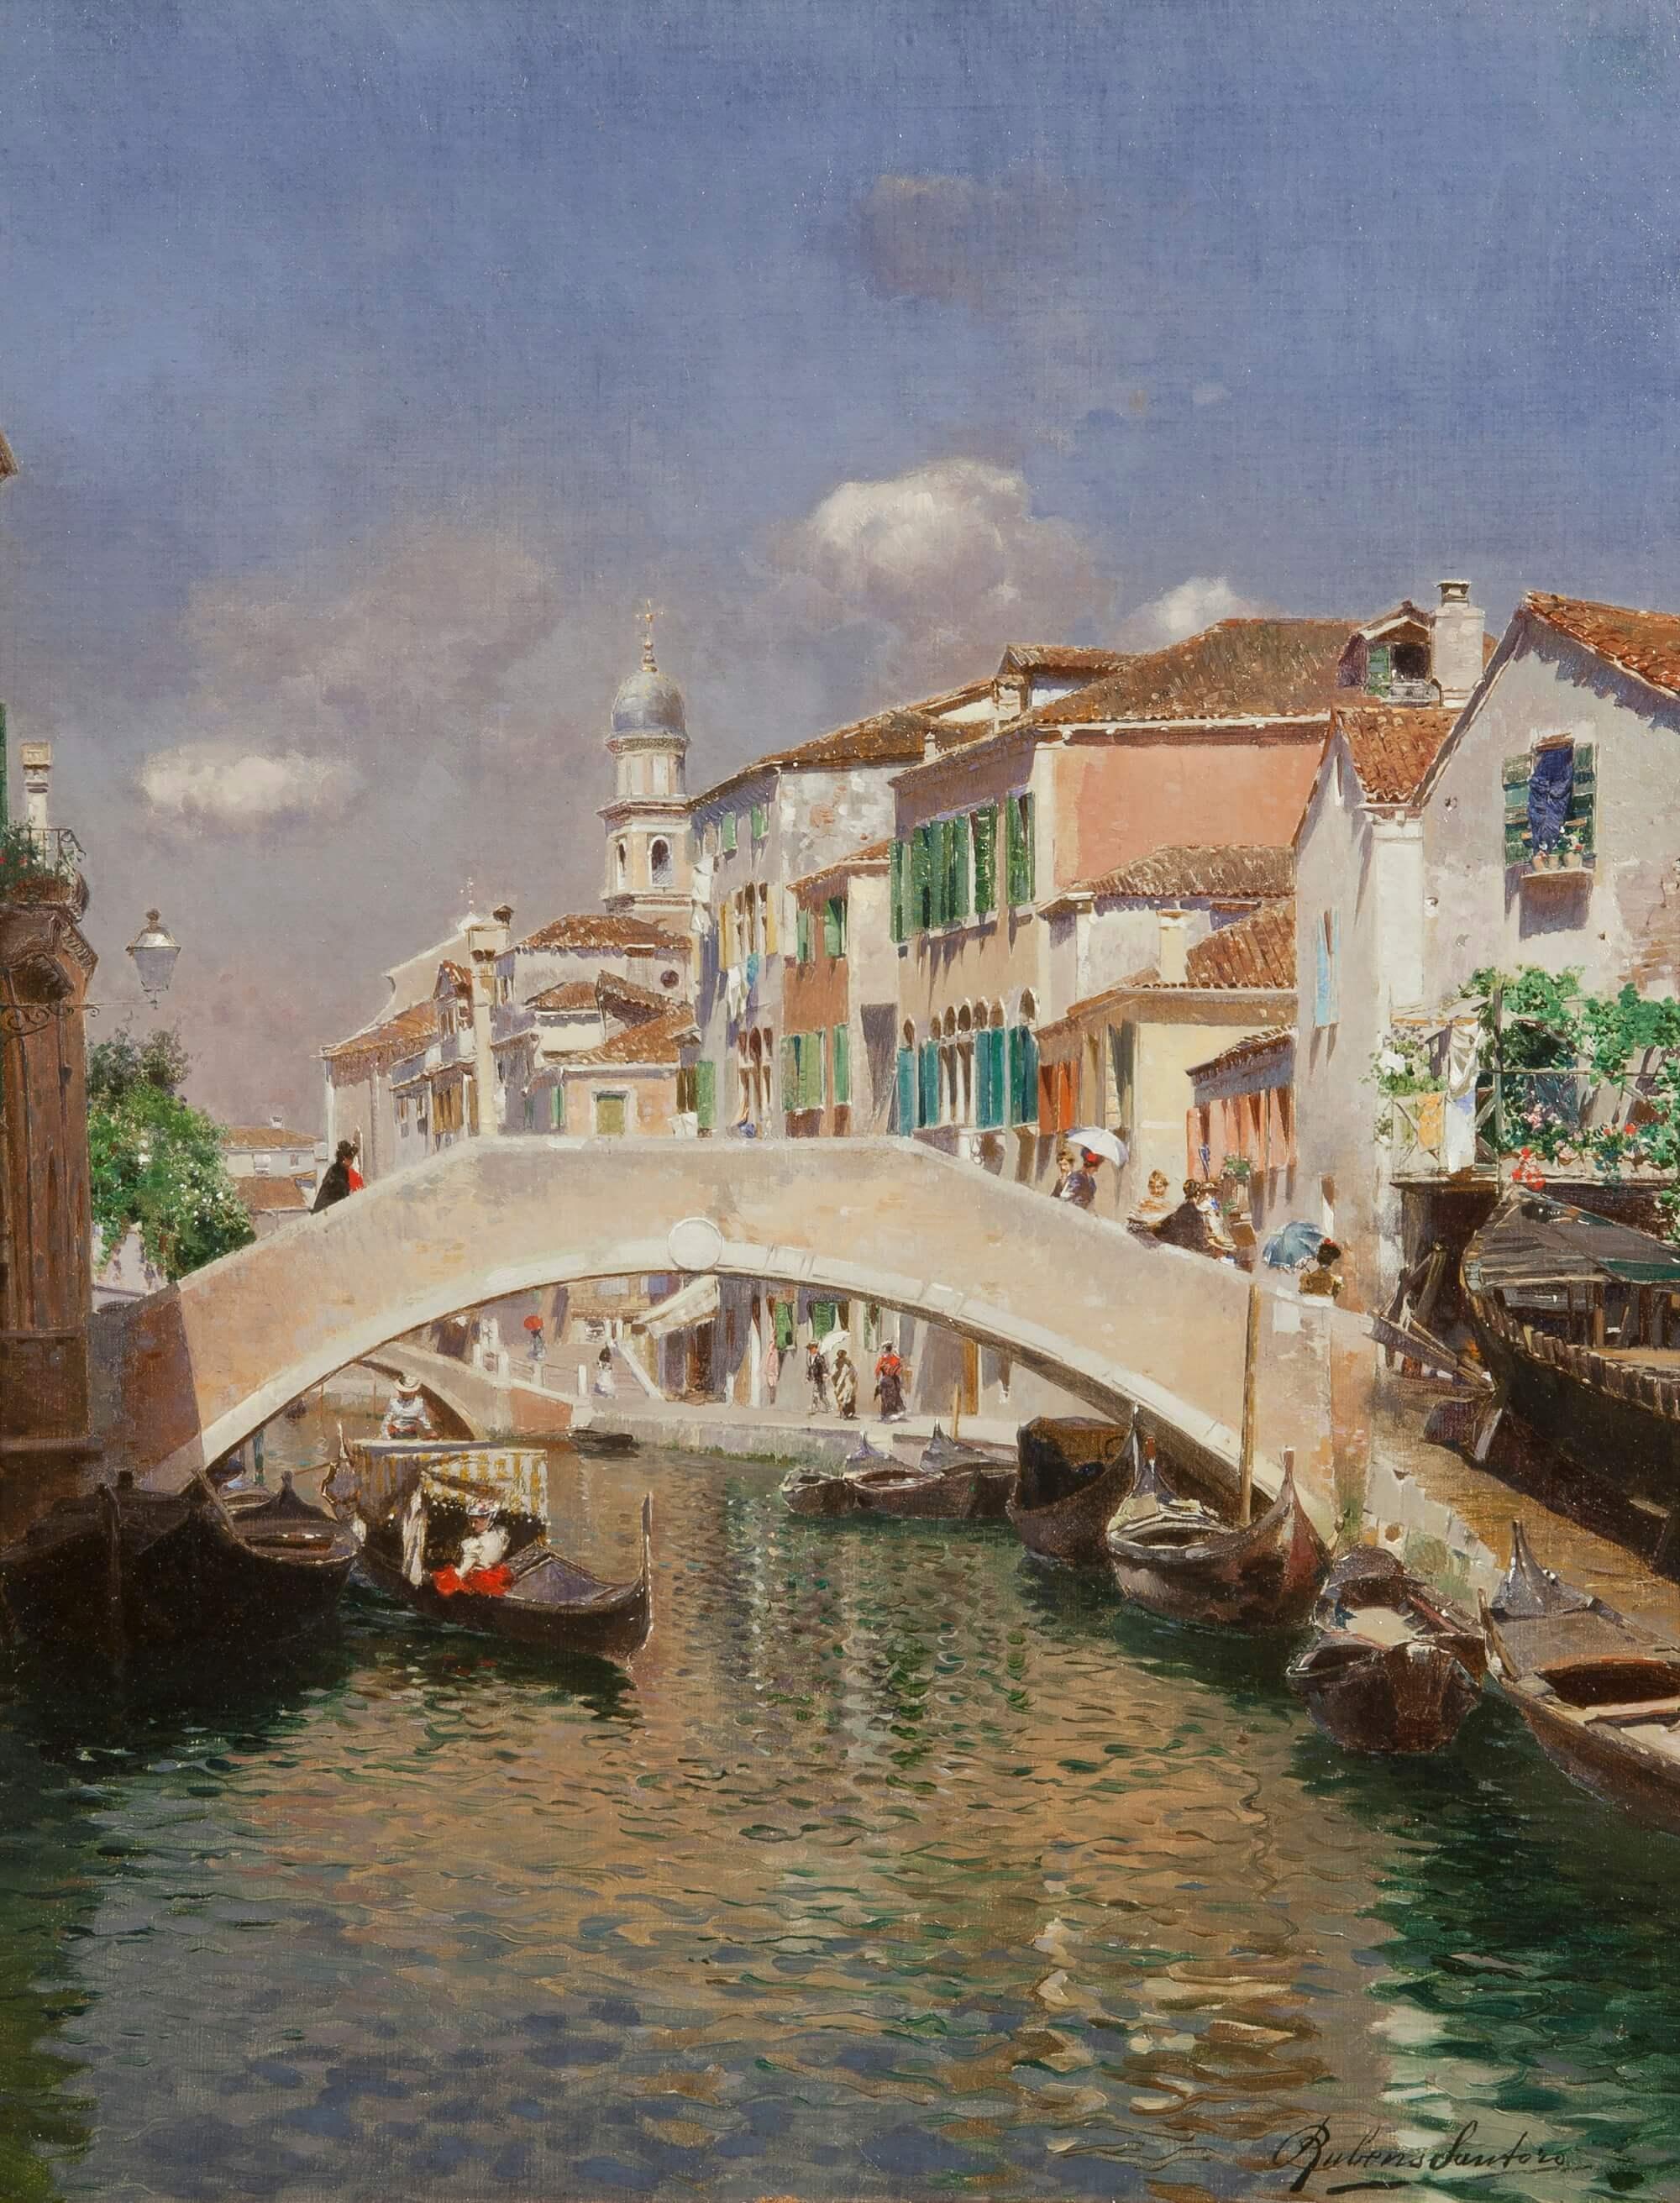 Rubens Santoro. Canale veneziano. Olio su tela. Galleria Bottegantica